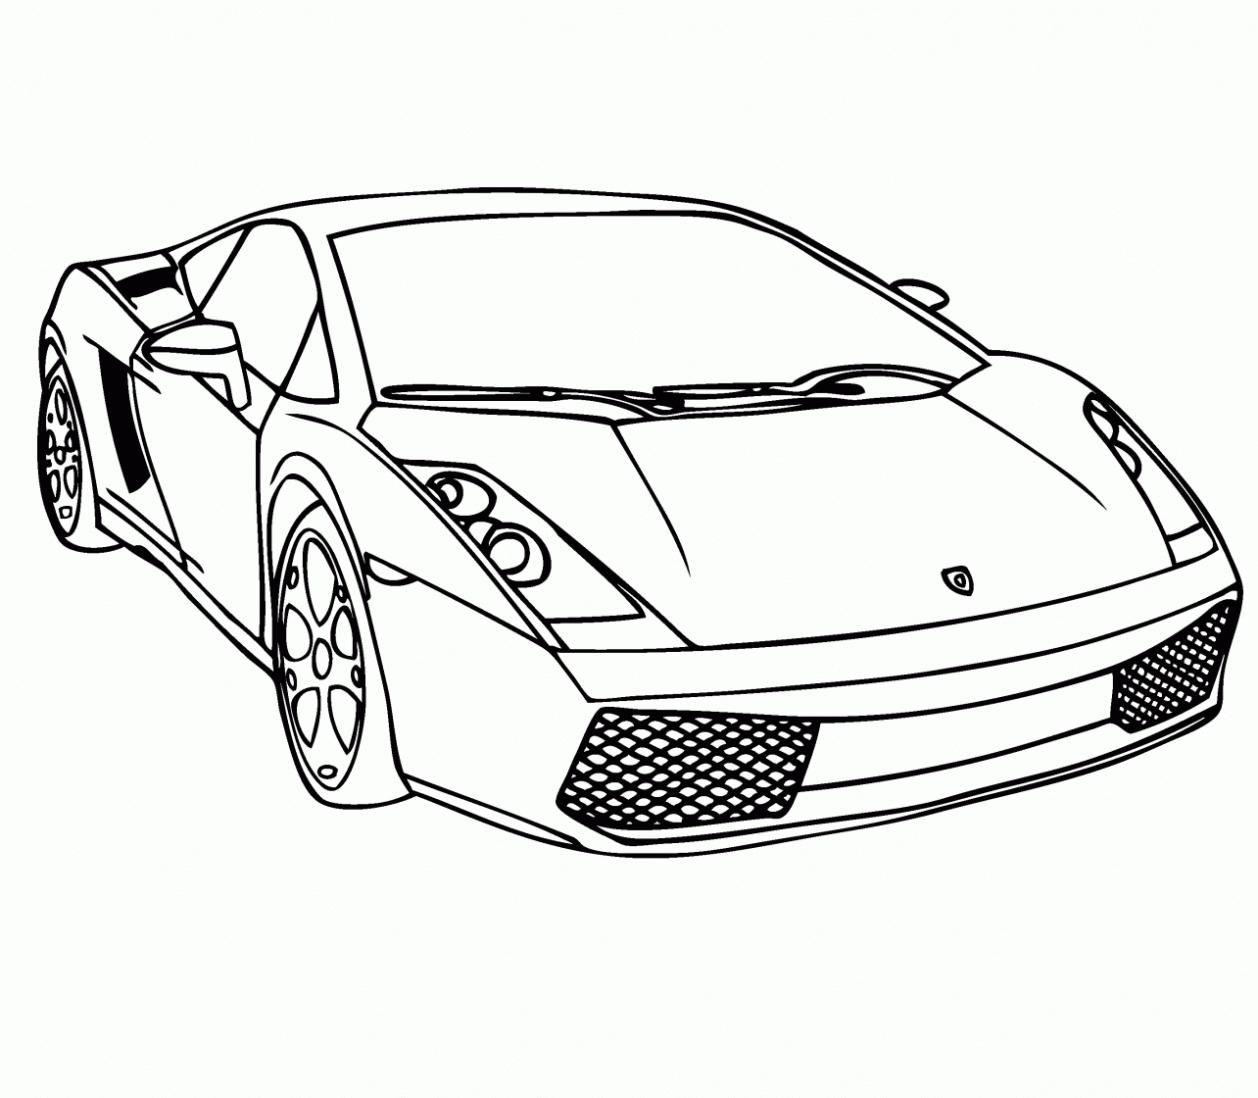 Ausmalbilder Autos Lamborghini 456 Malvorlage Autos für Rennwagen Ausmalbilder